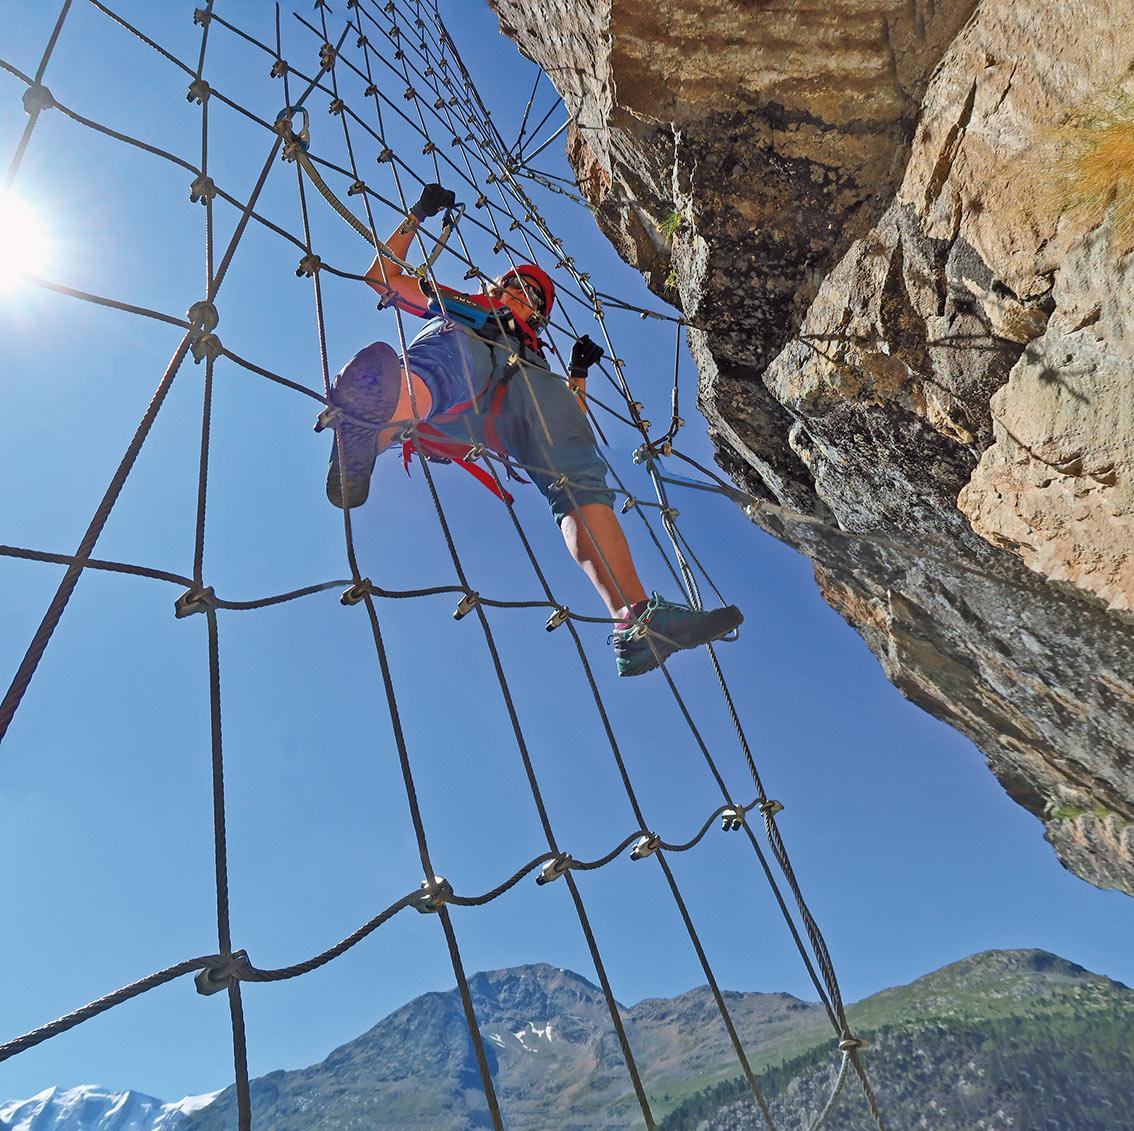 Klettersteig La Resgia : Klettersteig la resgia bergsteigen.com